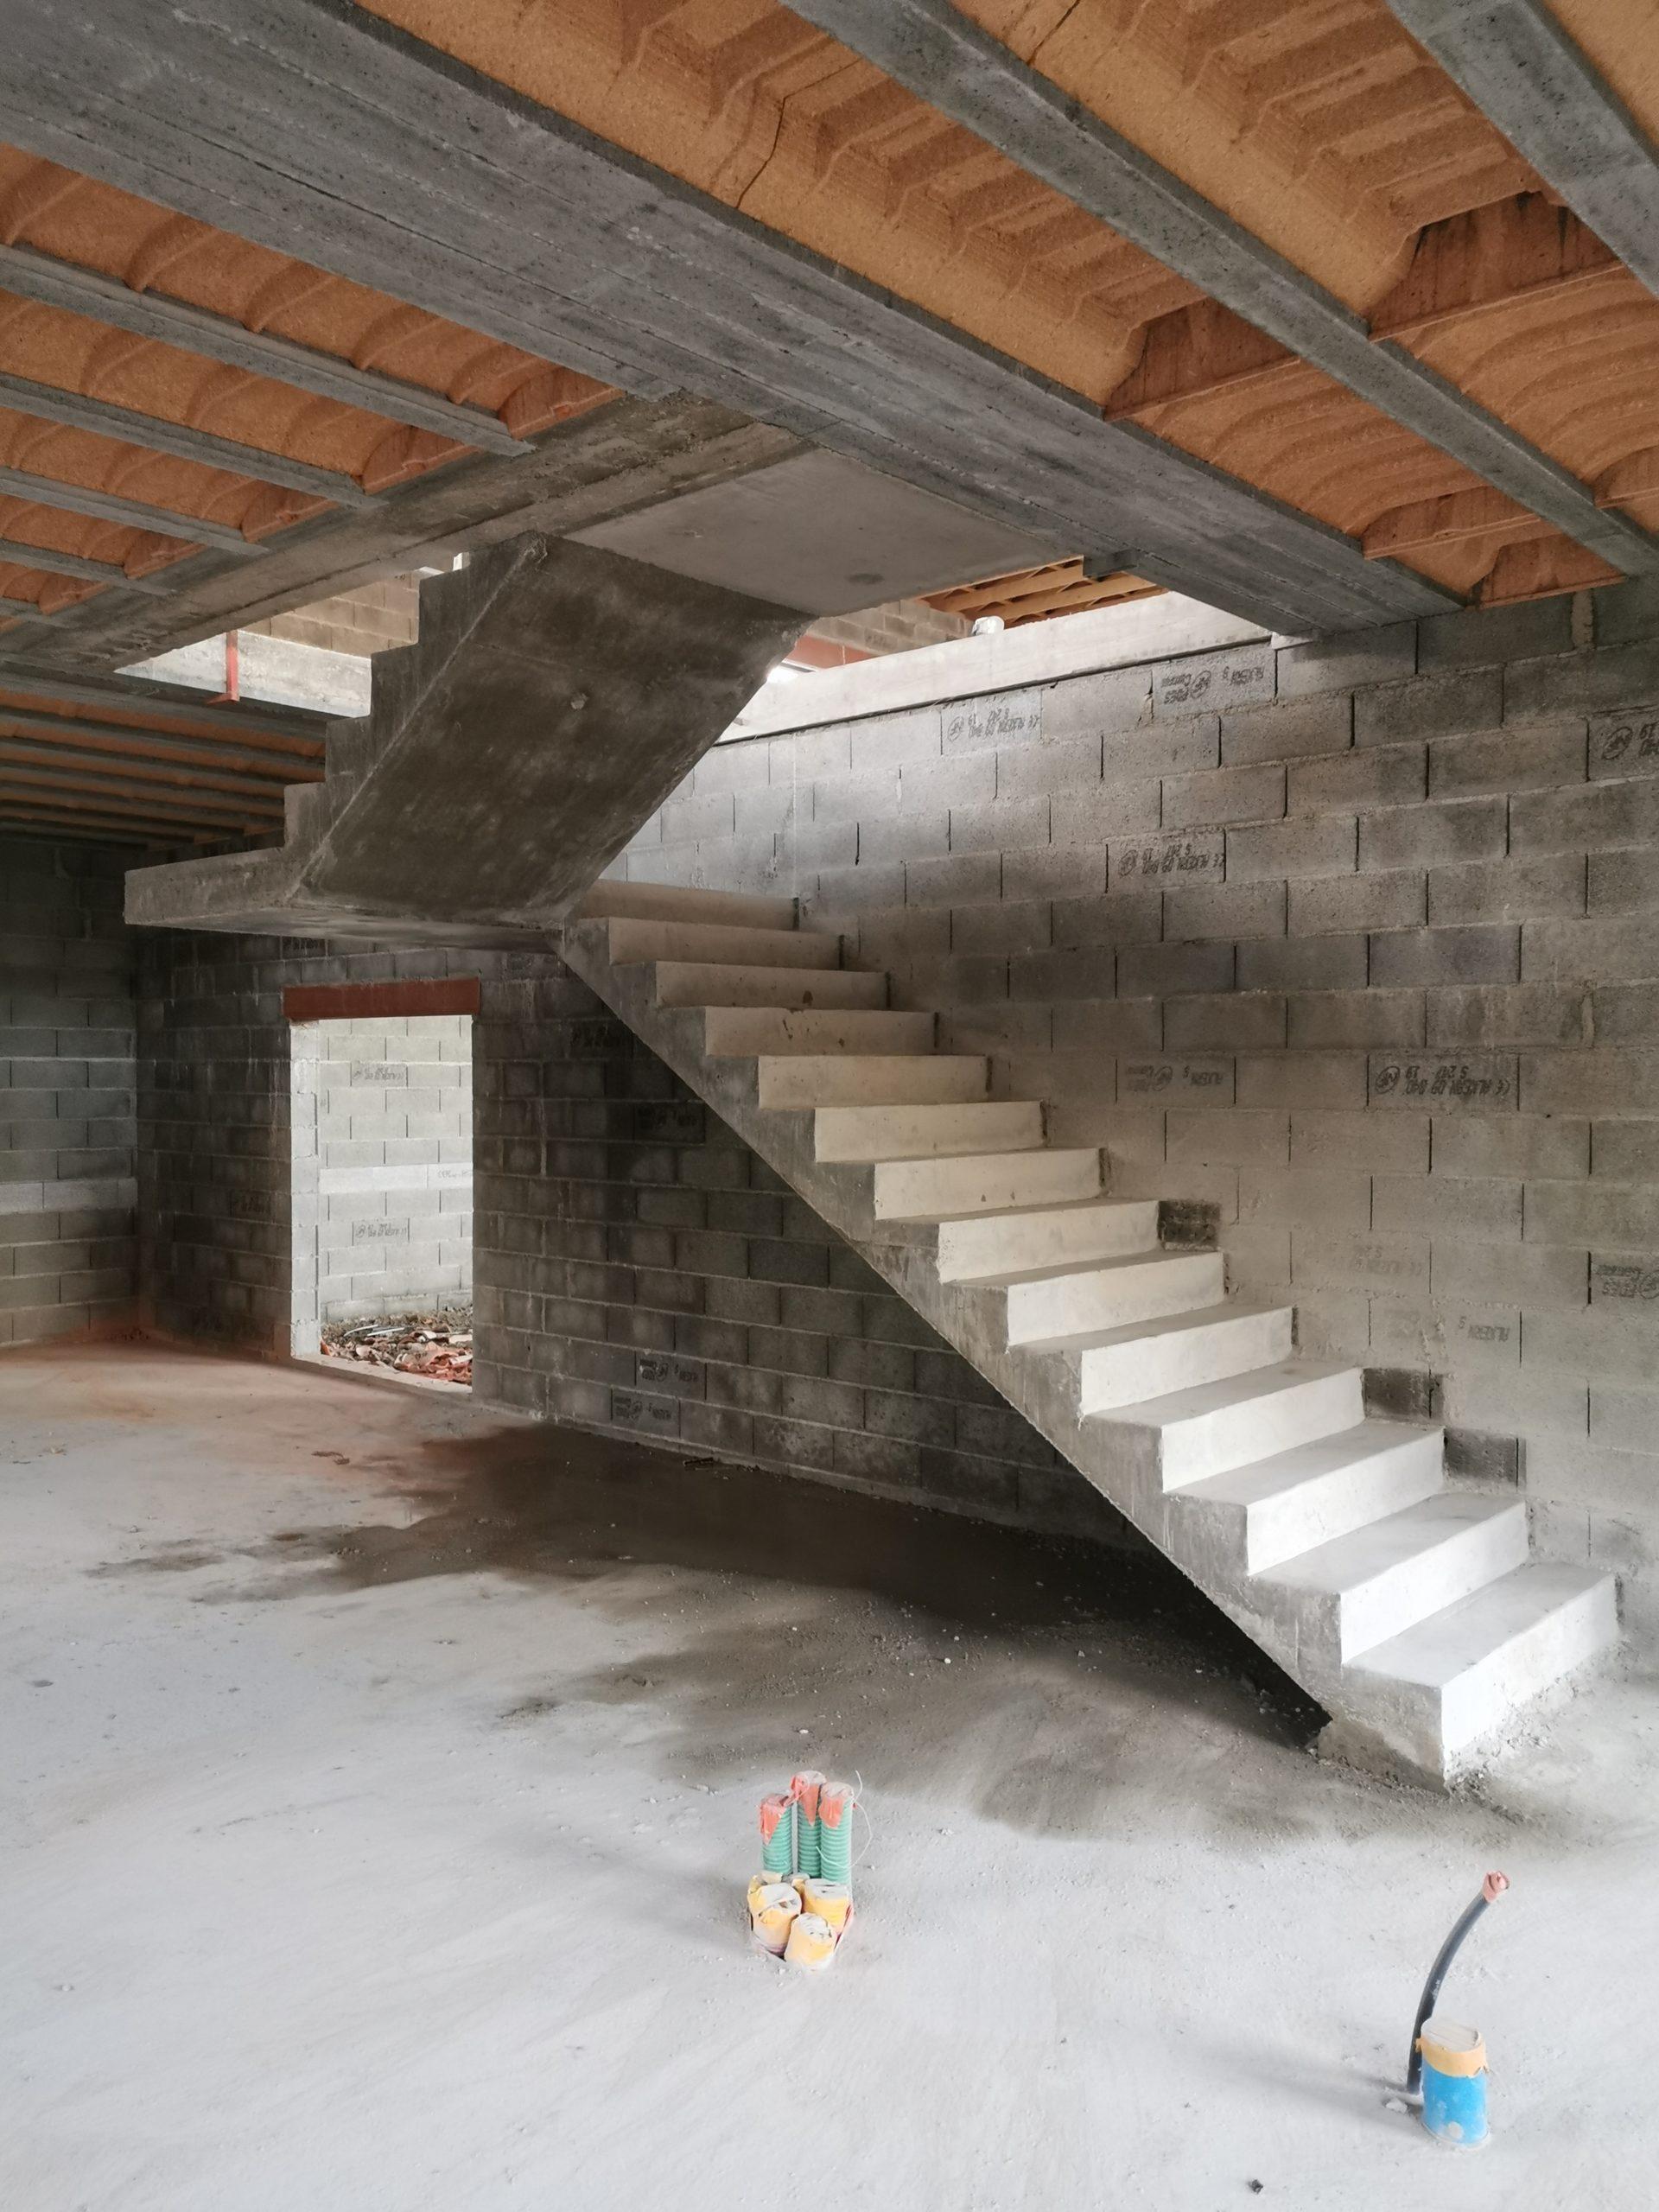 Escalier atypique pour une maison individuelle